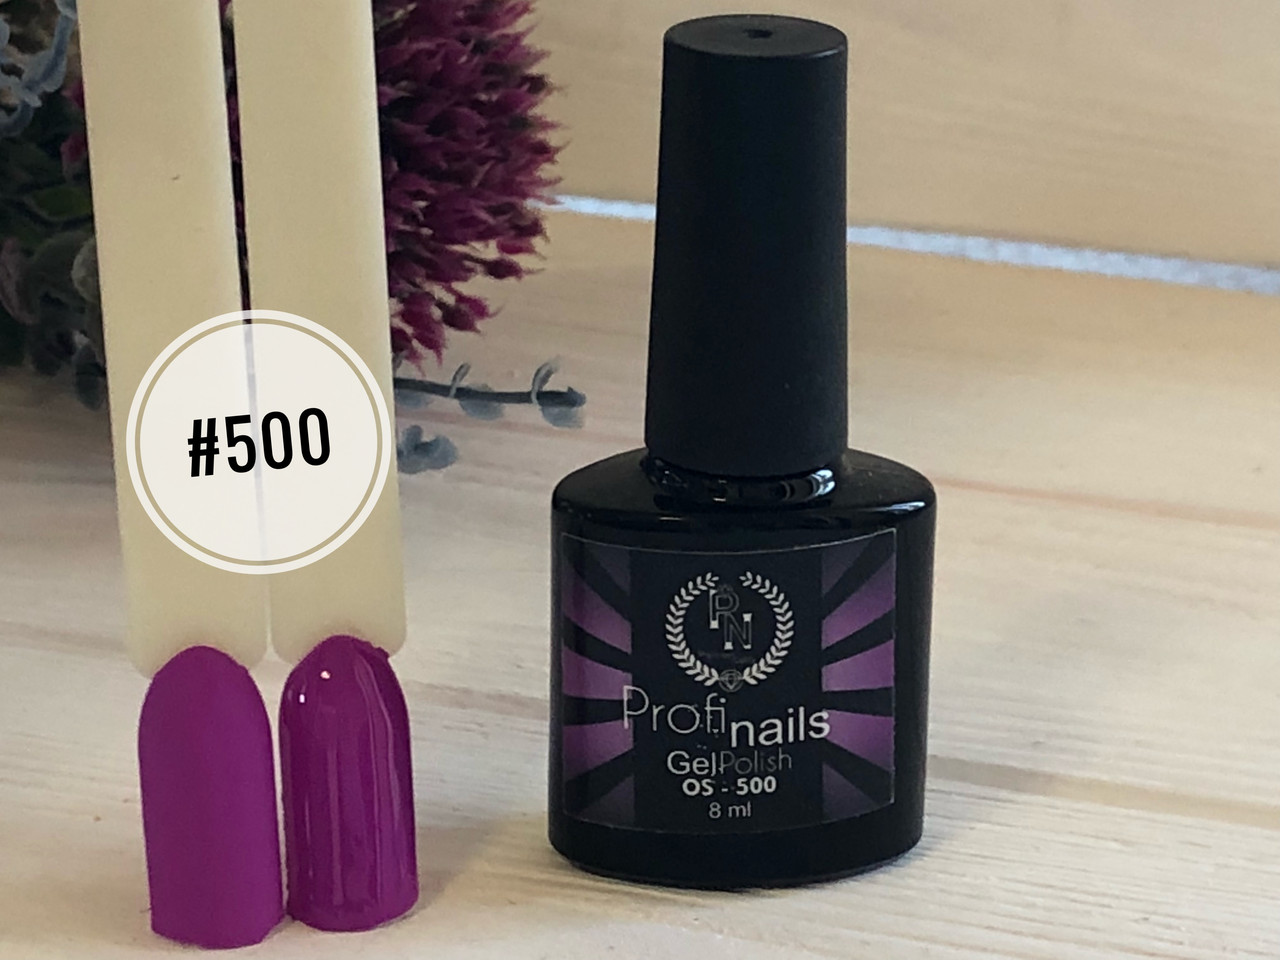 Гель лак каучуковый 15 мл Profi nails # 500